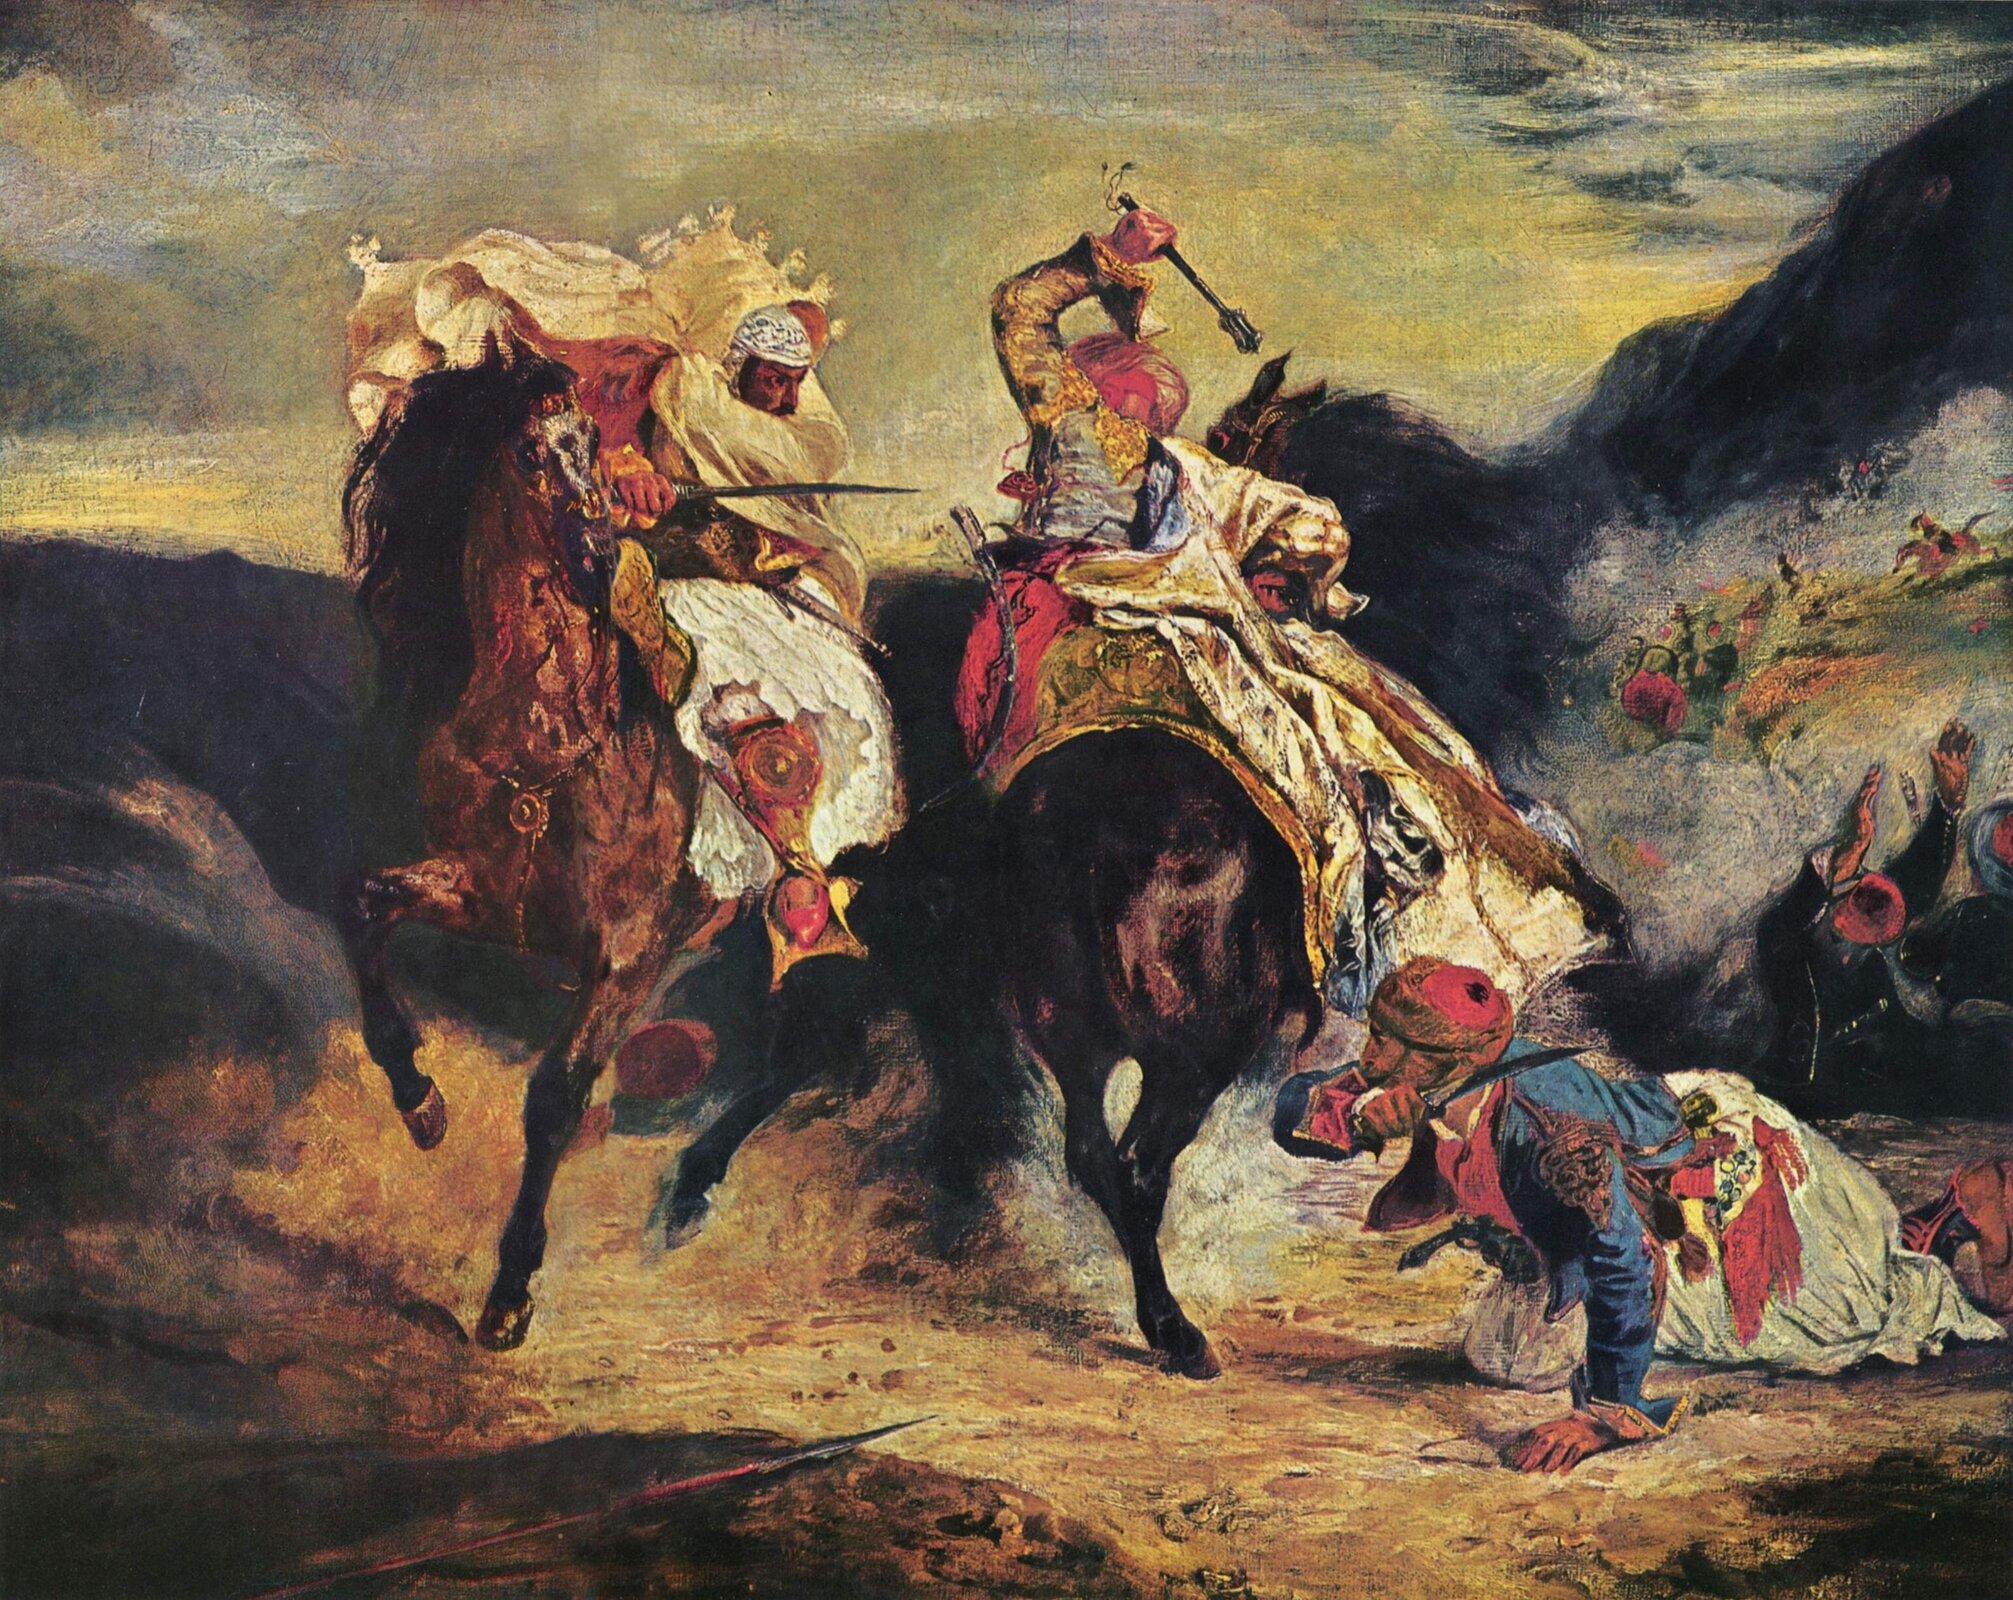 Walka Giaura zHassanem Źródło: Eugène Ferdinand Victor Delacroix, Walka Giaura zHassanem, 1826, olej na płótnie, Art Institute of Chicago, domena publiczna.